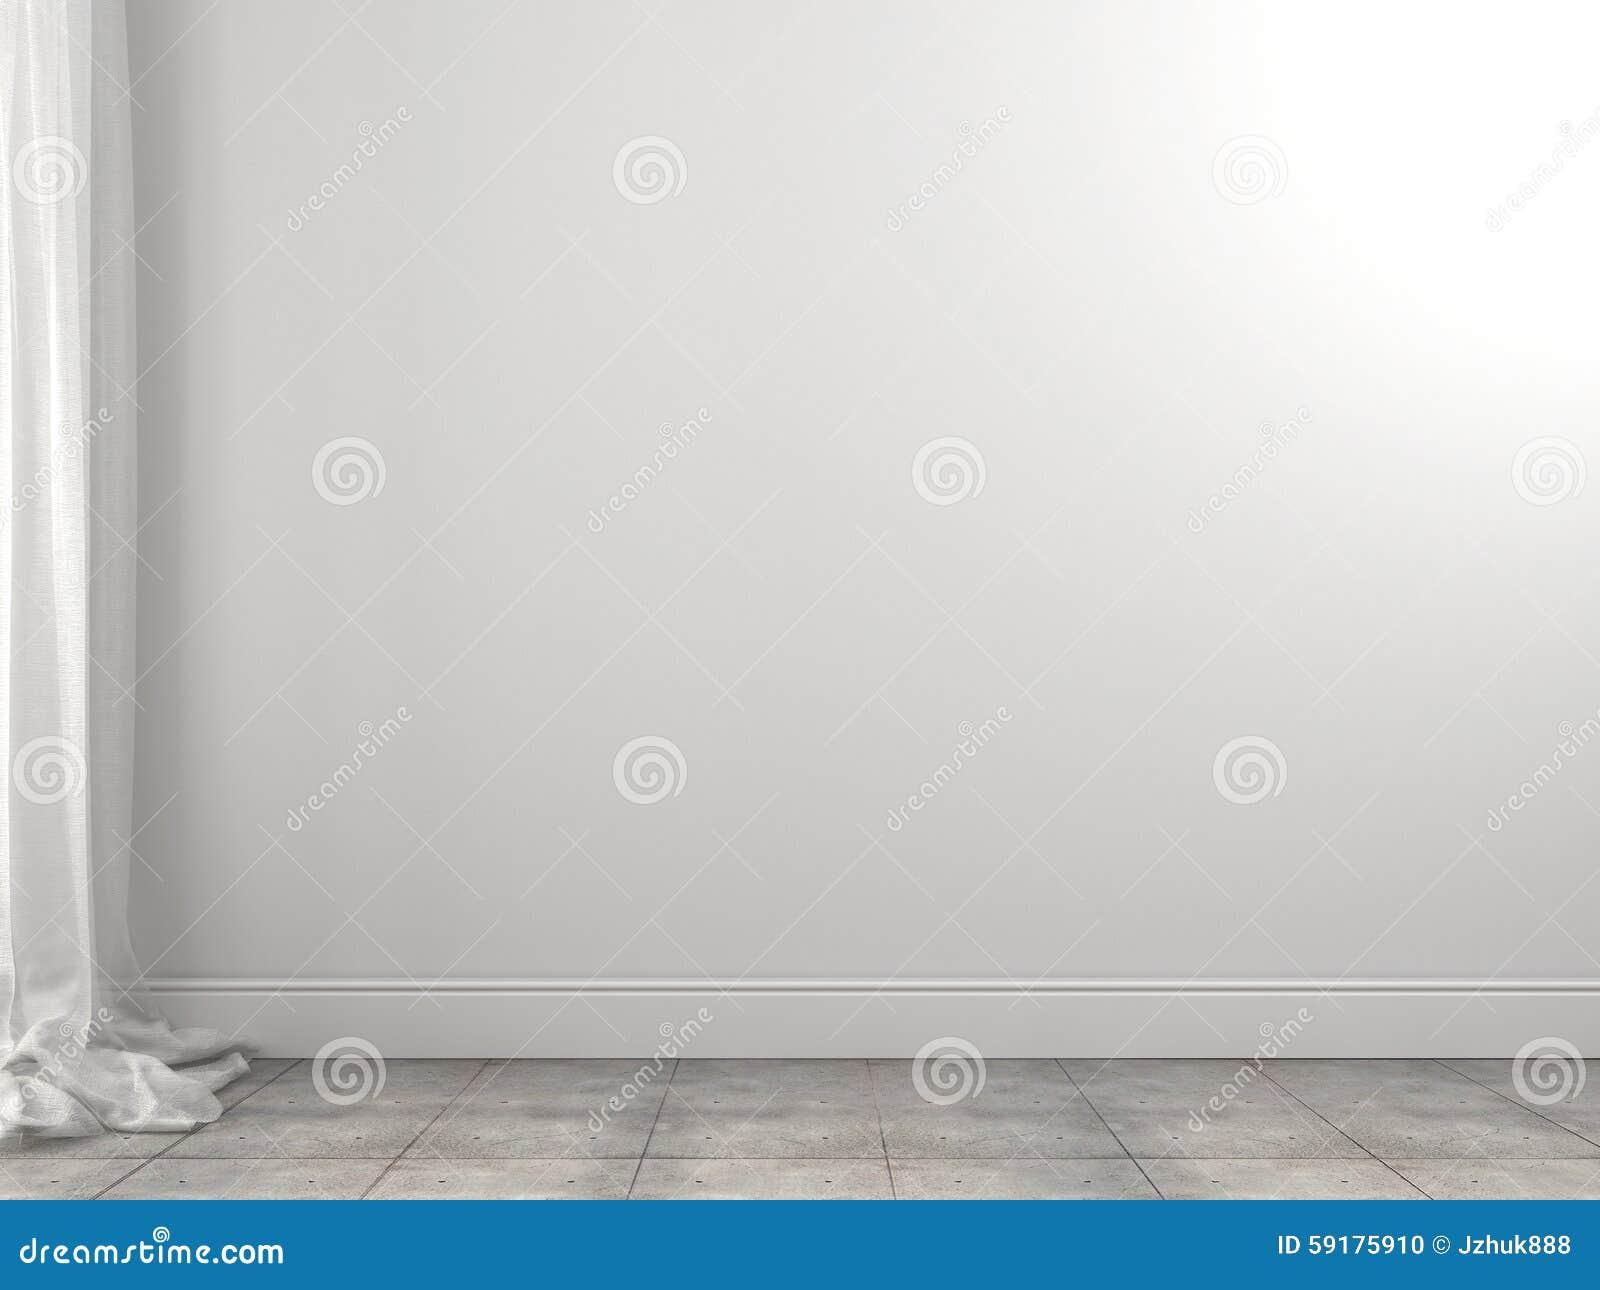 fond blanc du mur et des rideaux photo stock image 59175910. Black Bedroom Furniture Sets. Home Design Ideas